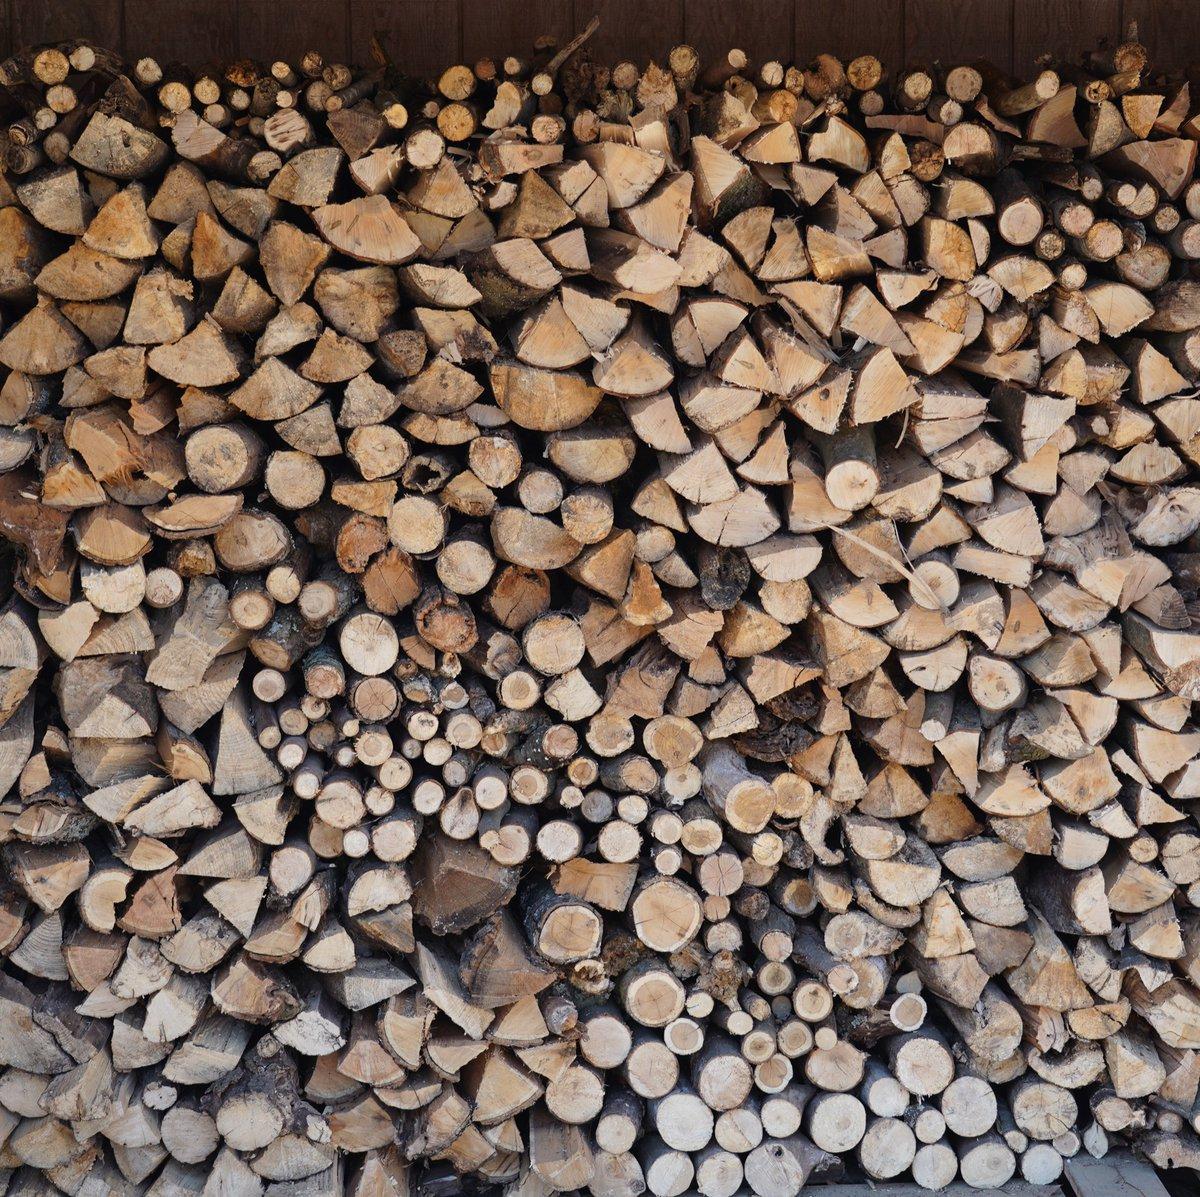 I split wood when I'm overwhelmed.